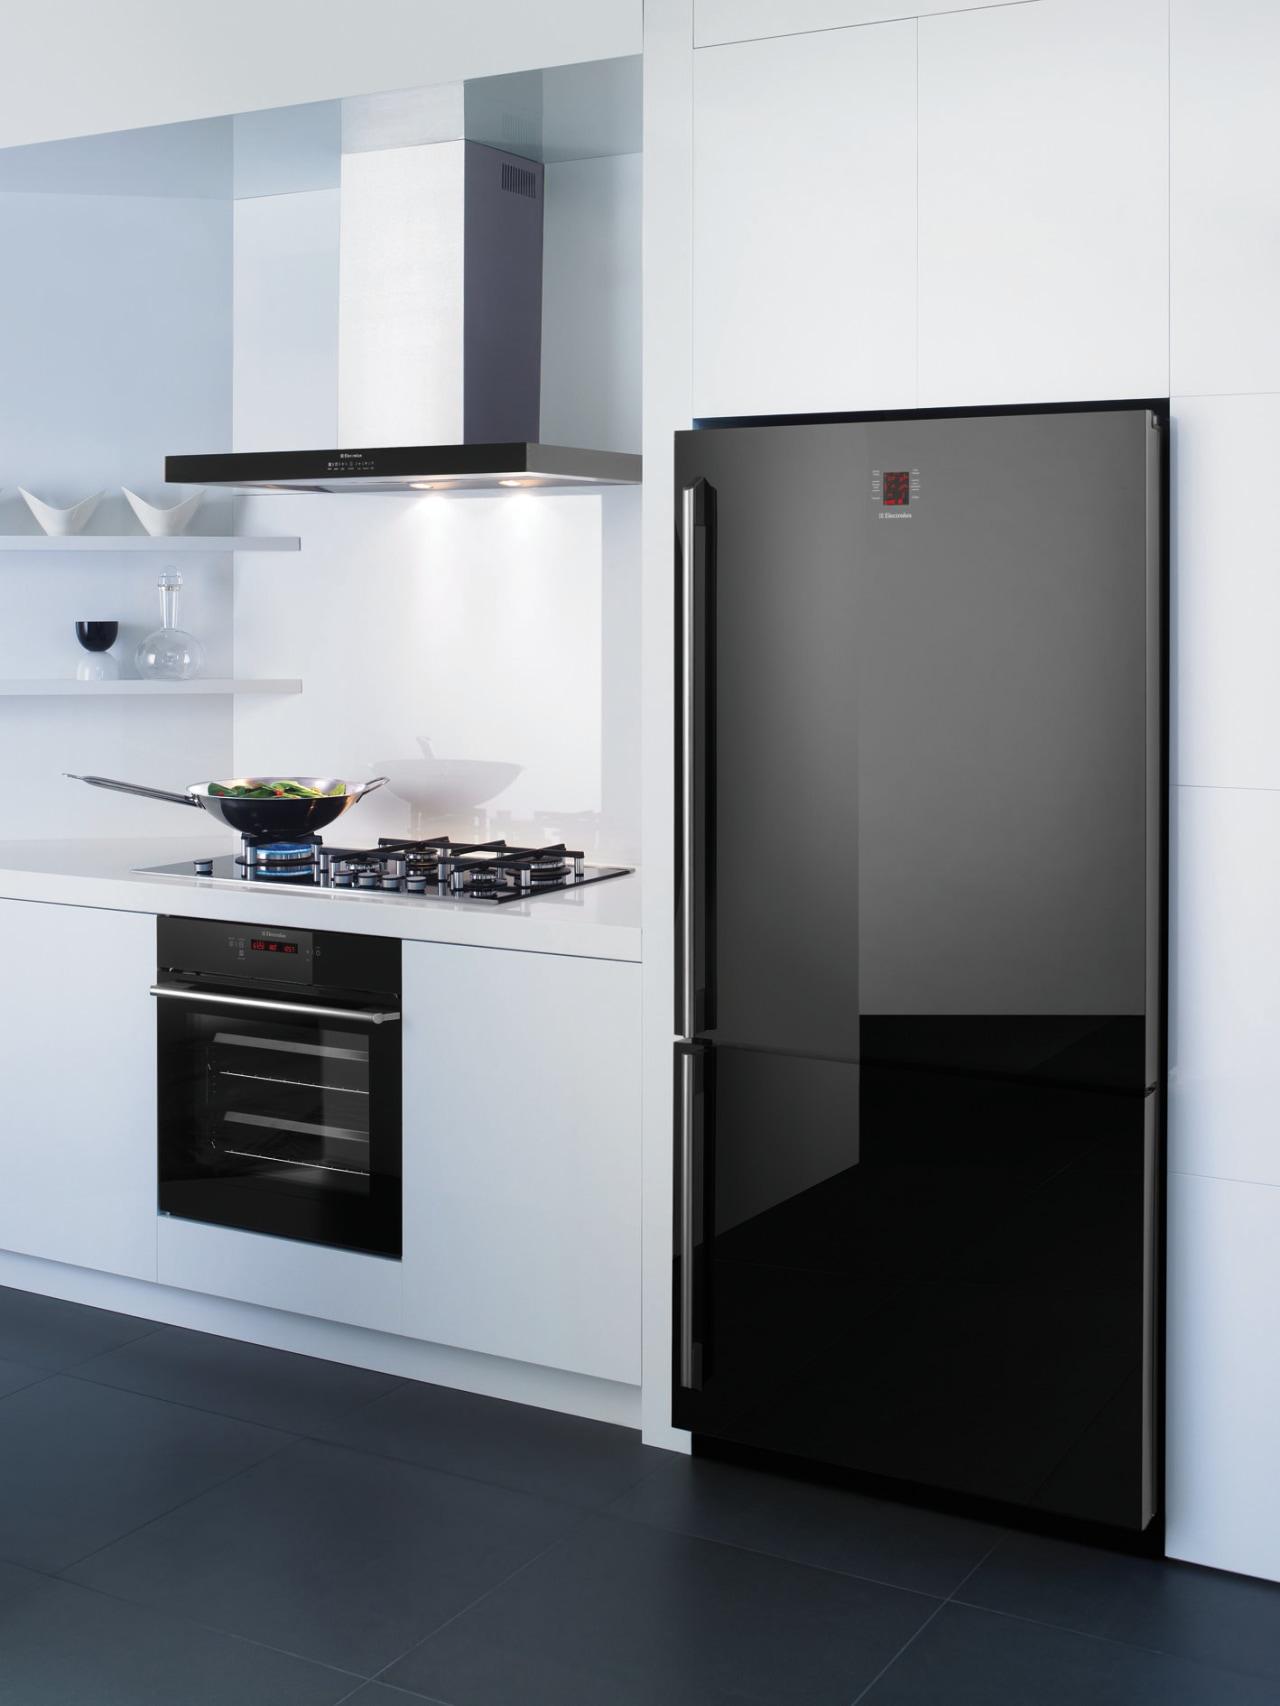 This chic kitchen features a bottom-mount refrigerator, oven, home appliance, kitchen, kitchen appliance, kitchen stove, major appliance, product, product design, refrigerator, white, black